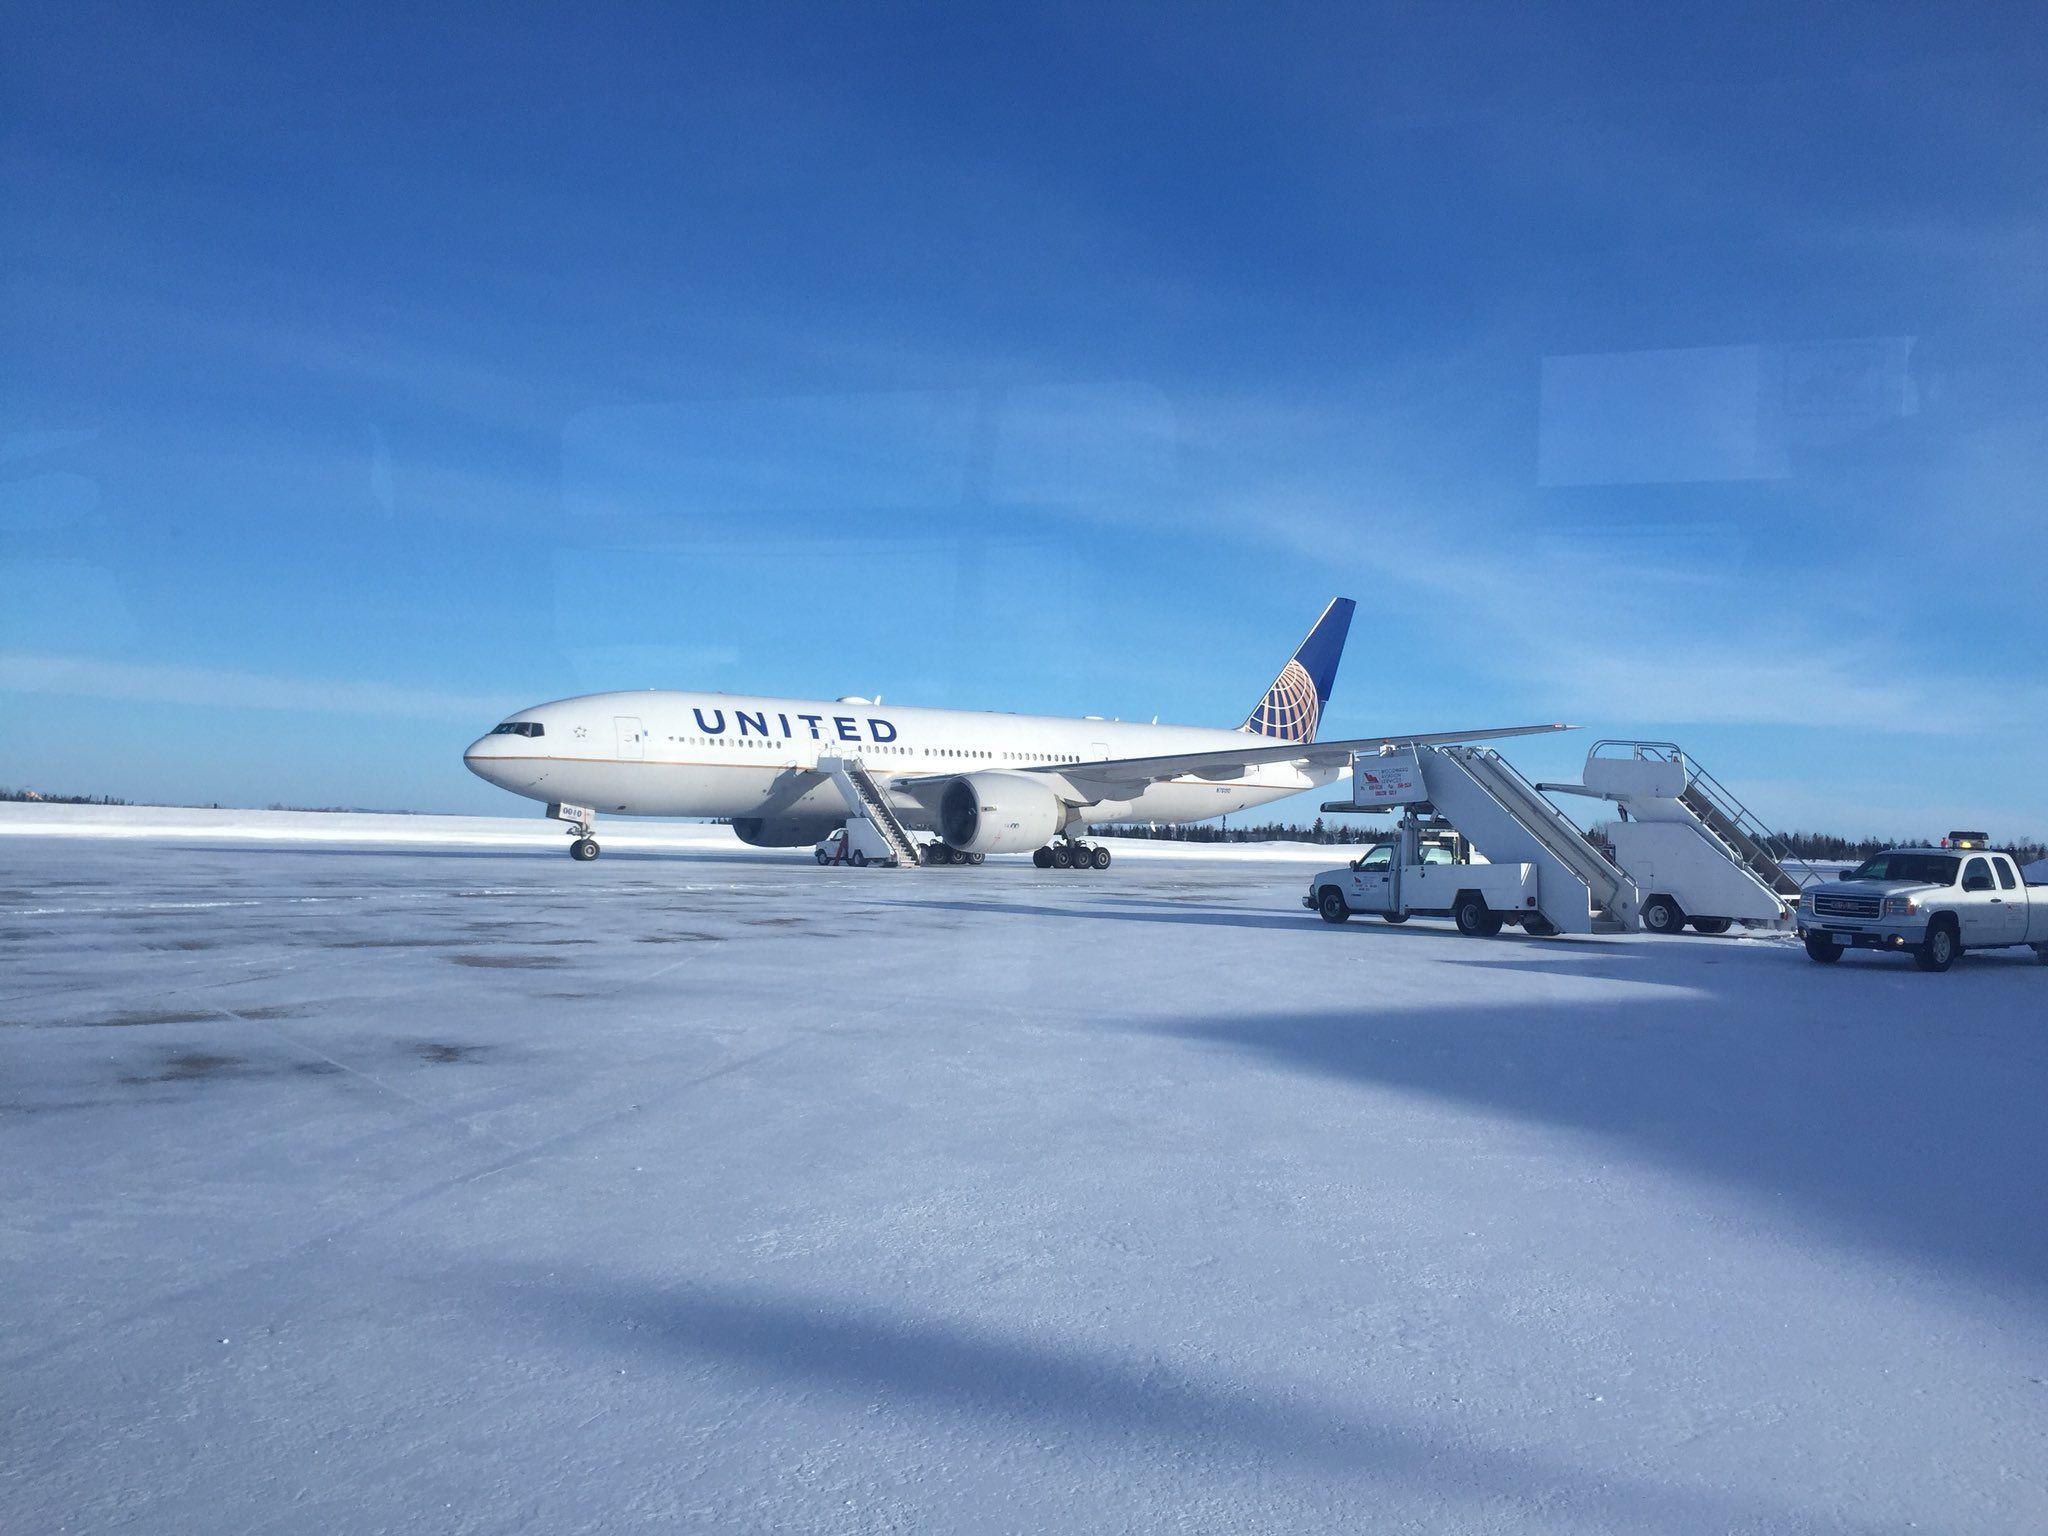 Passengers stranded for 16 hours